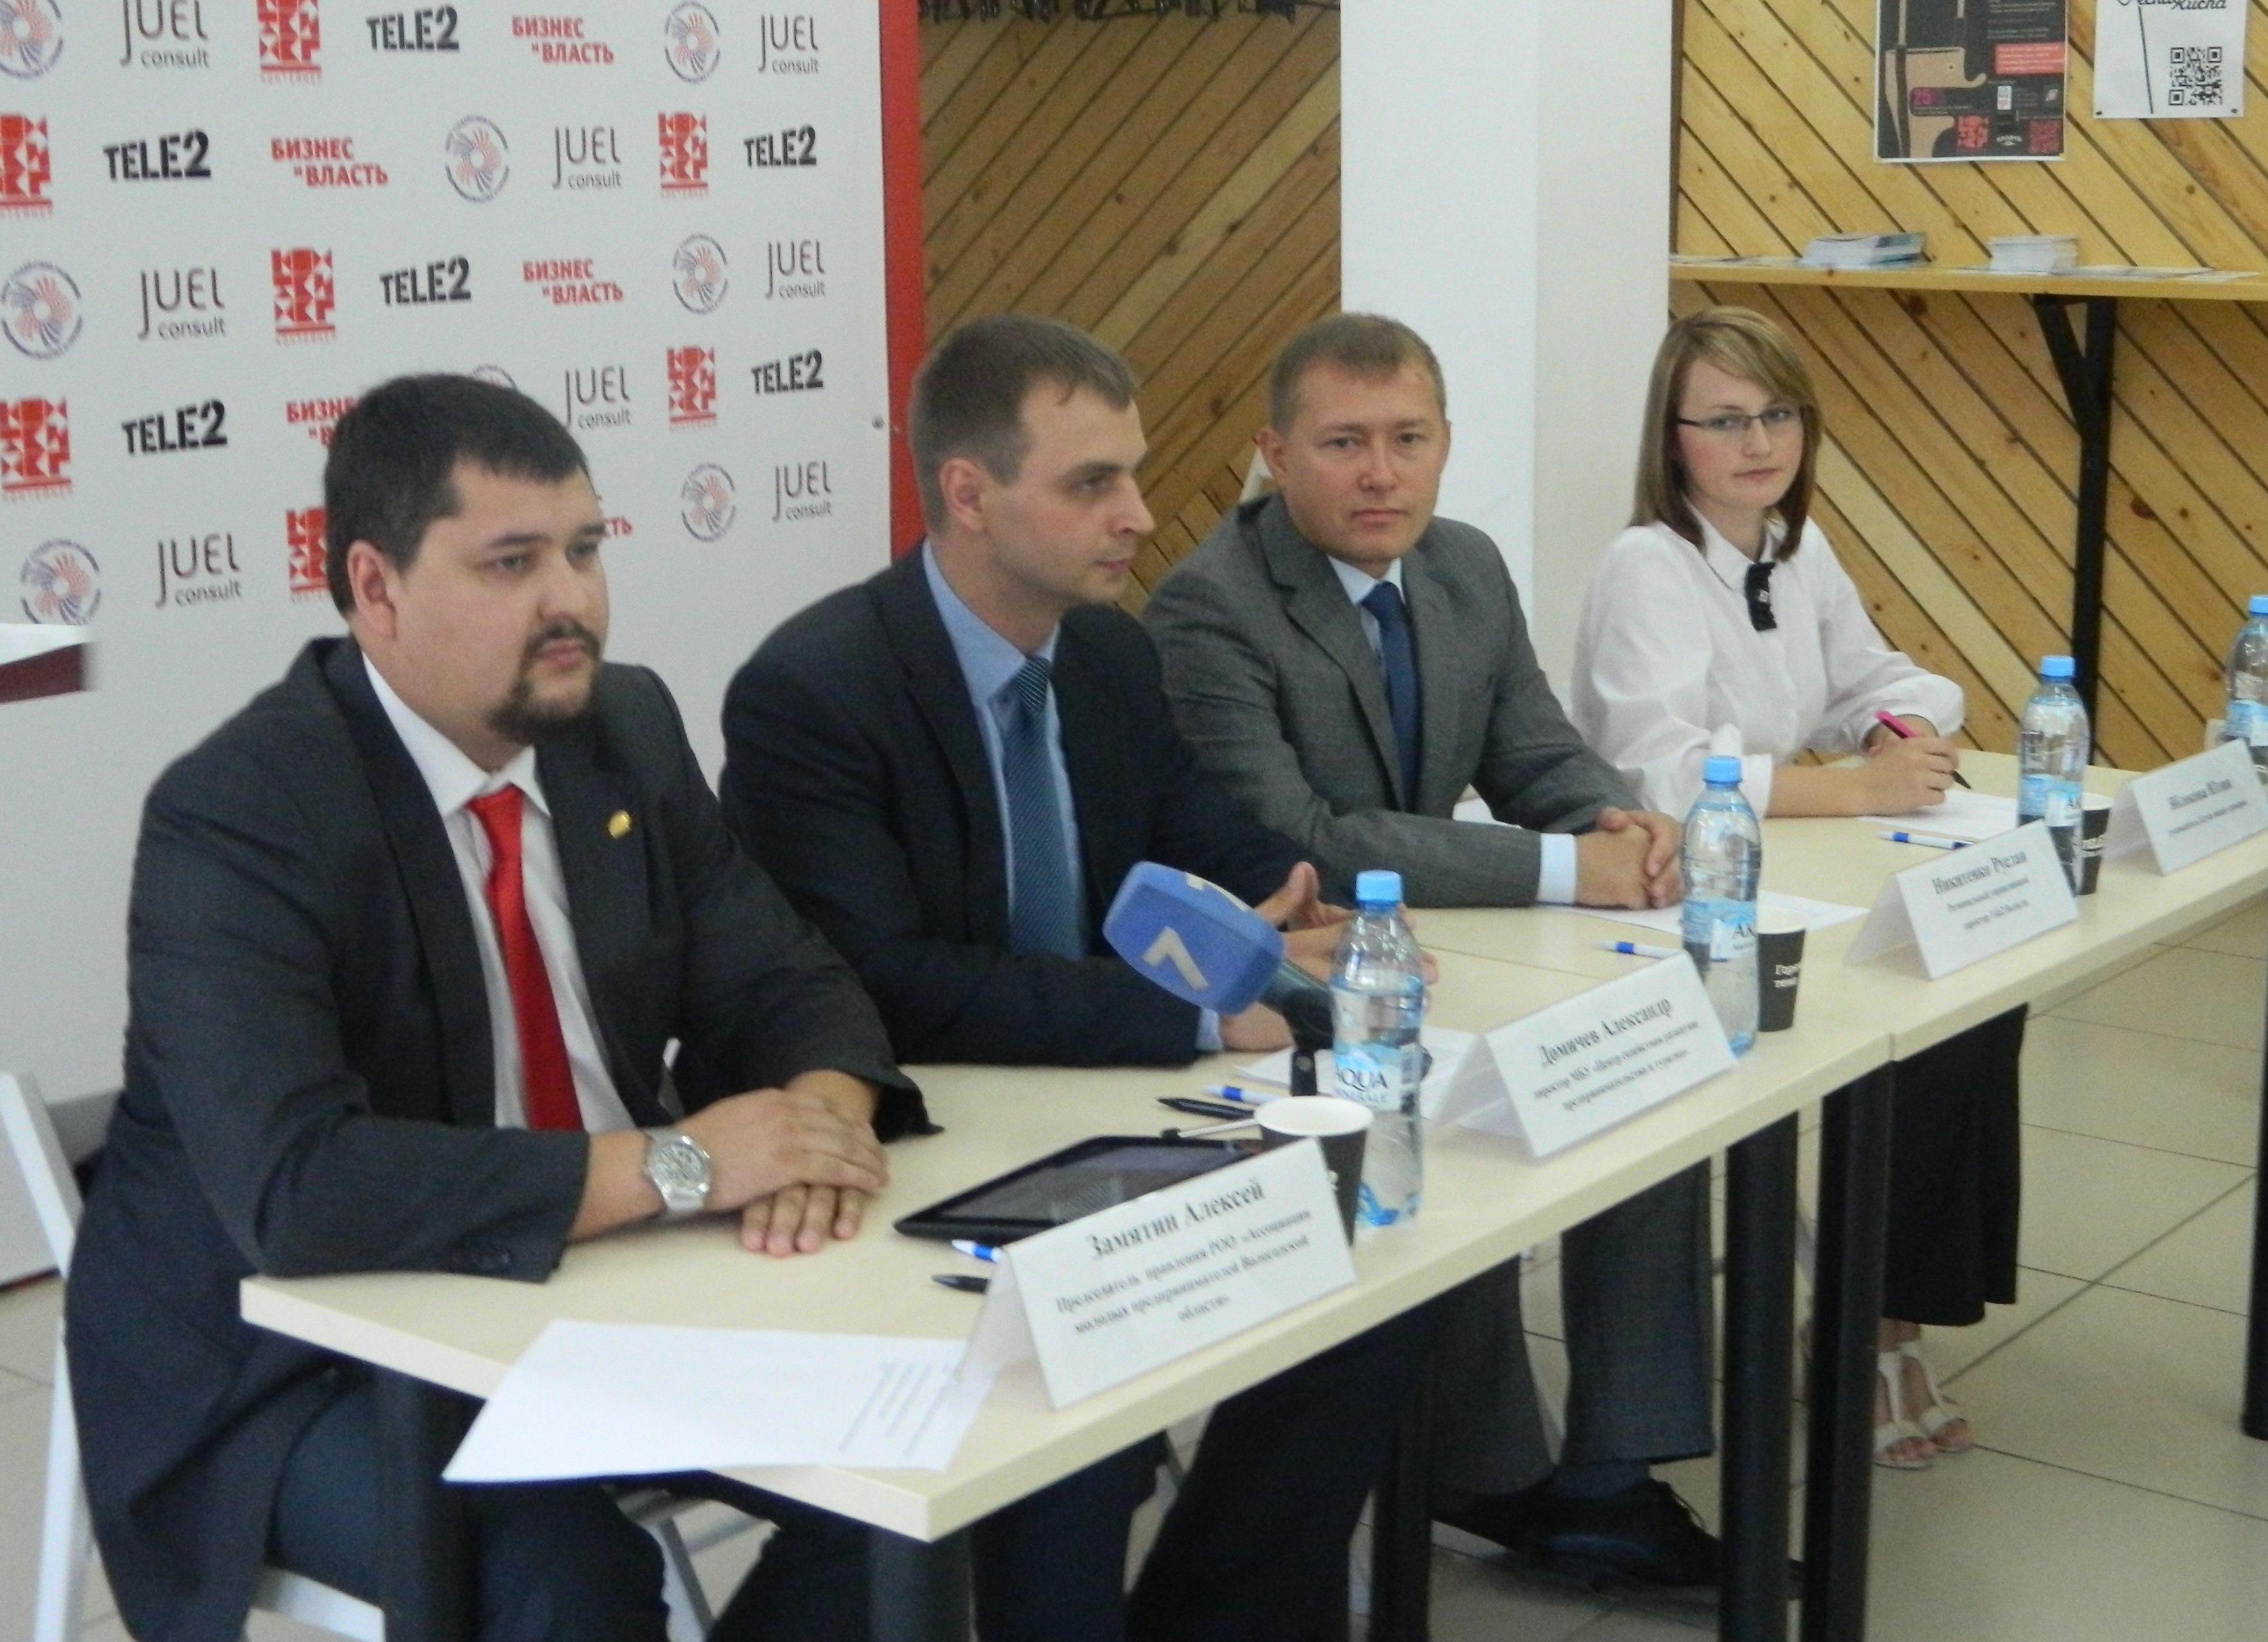 Tele2 поддерживает предпринимателей в регионе